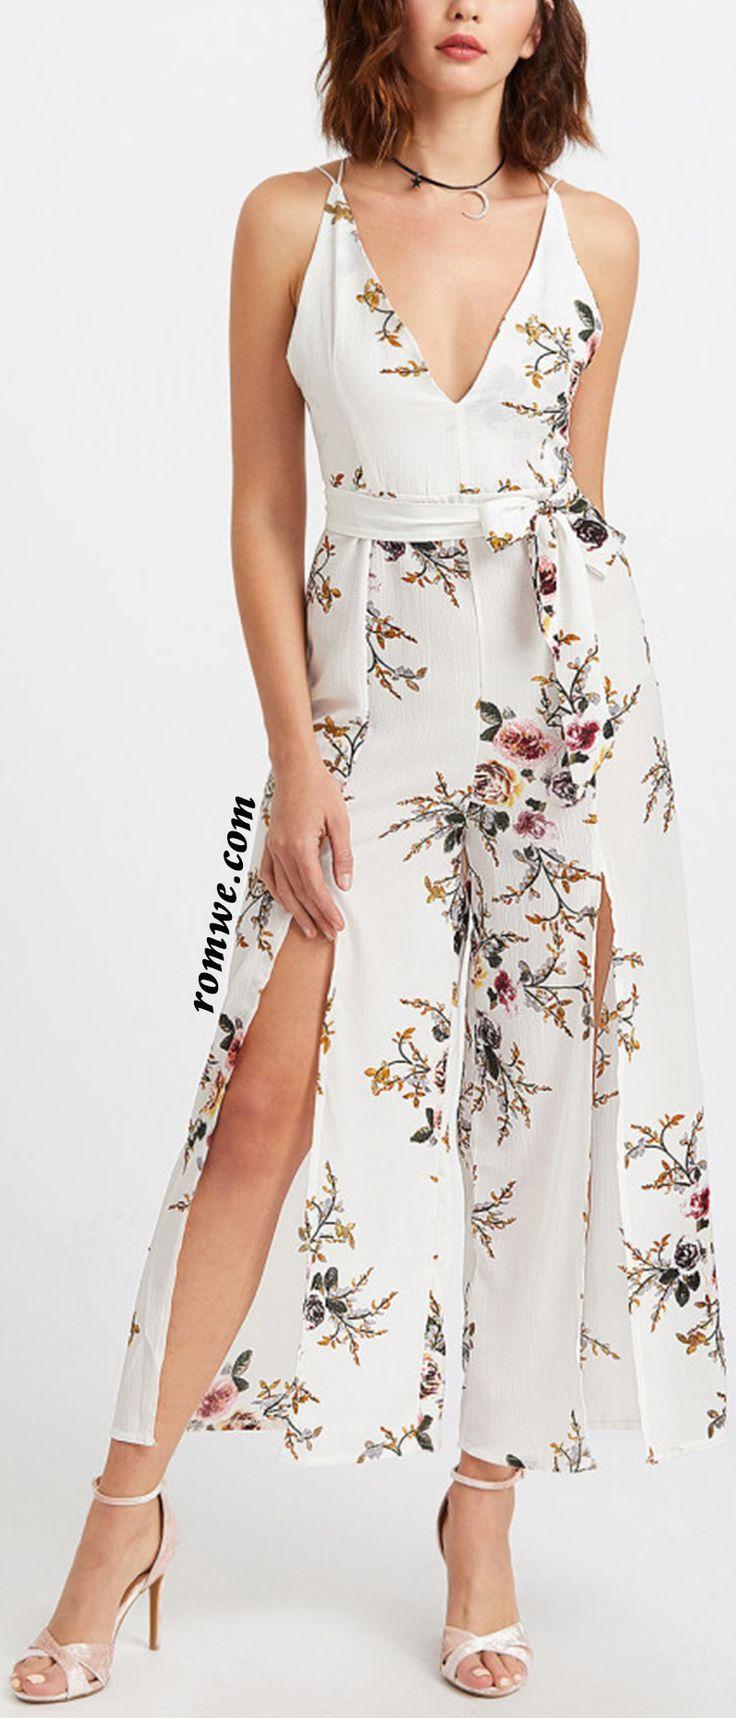 Floral Print Deep V Neck Self Tie Split Jumpsuit